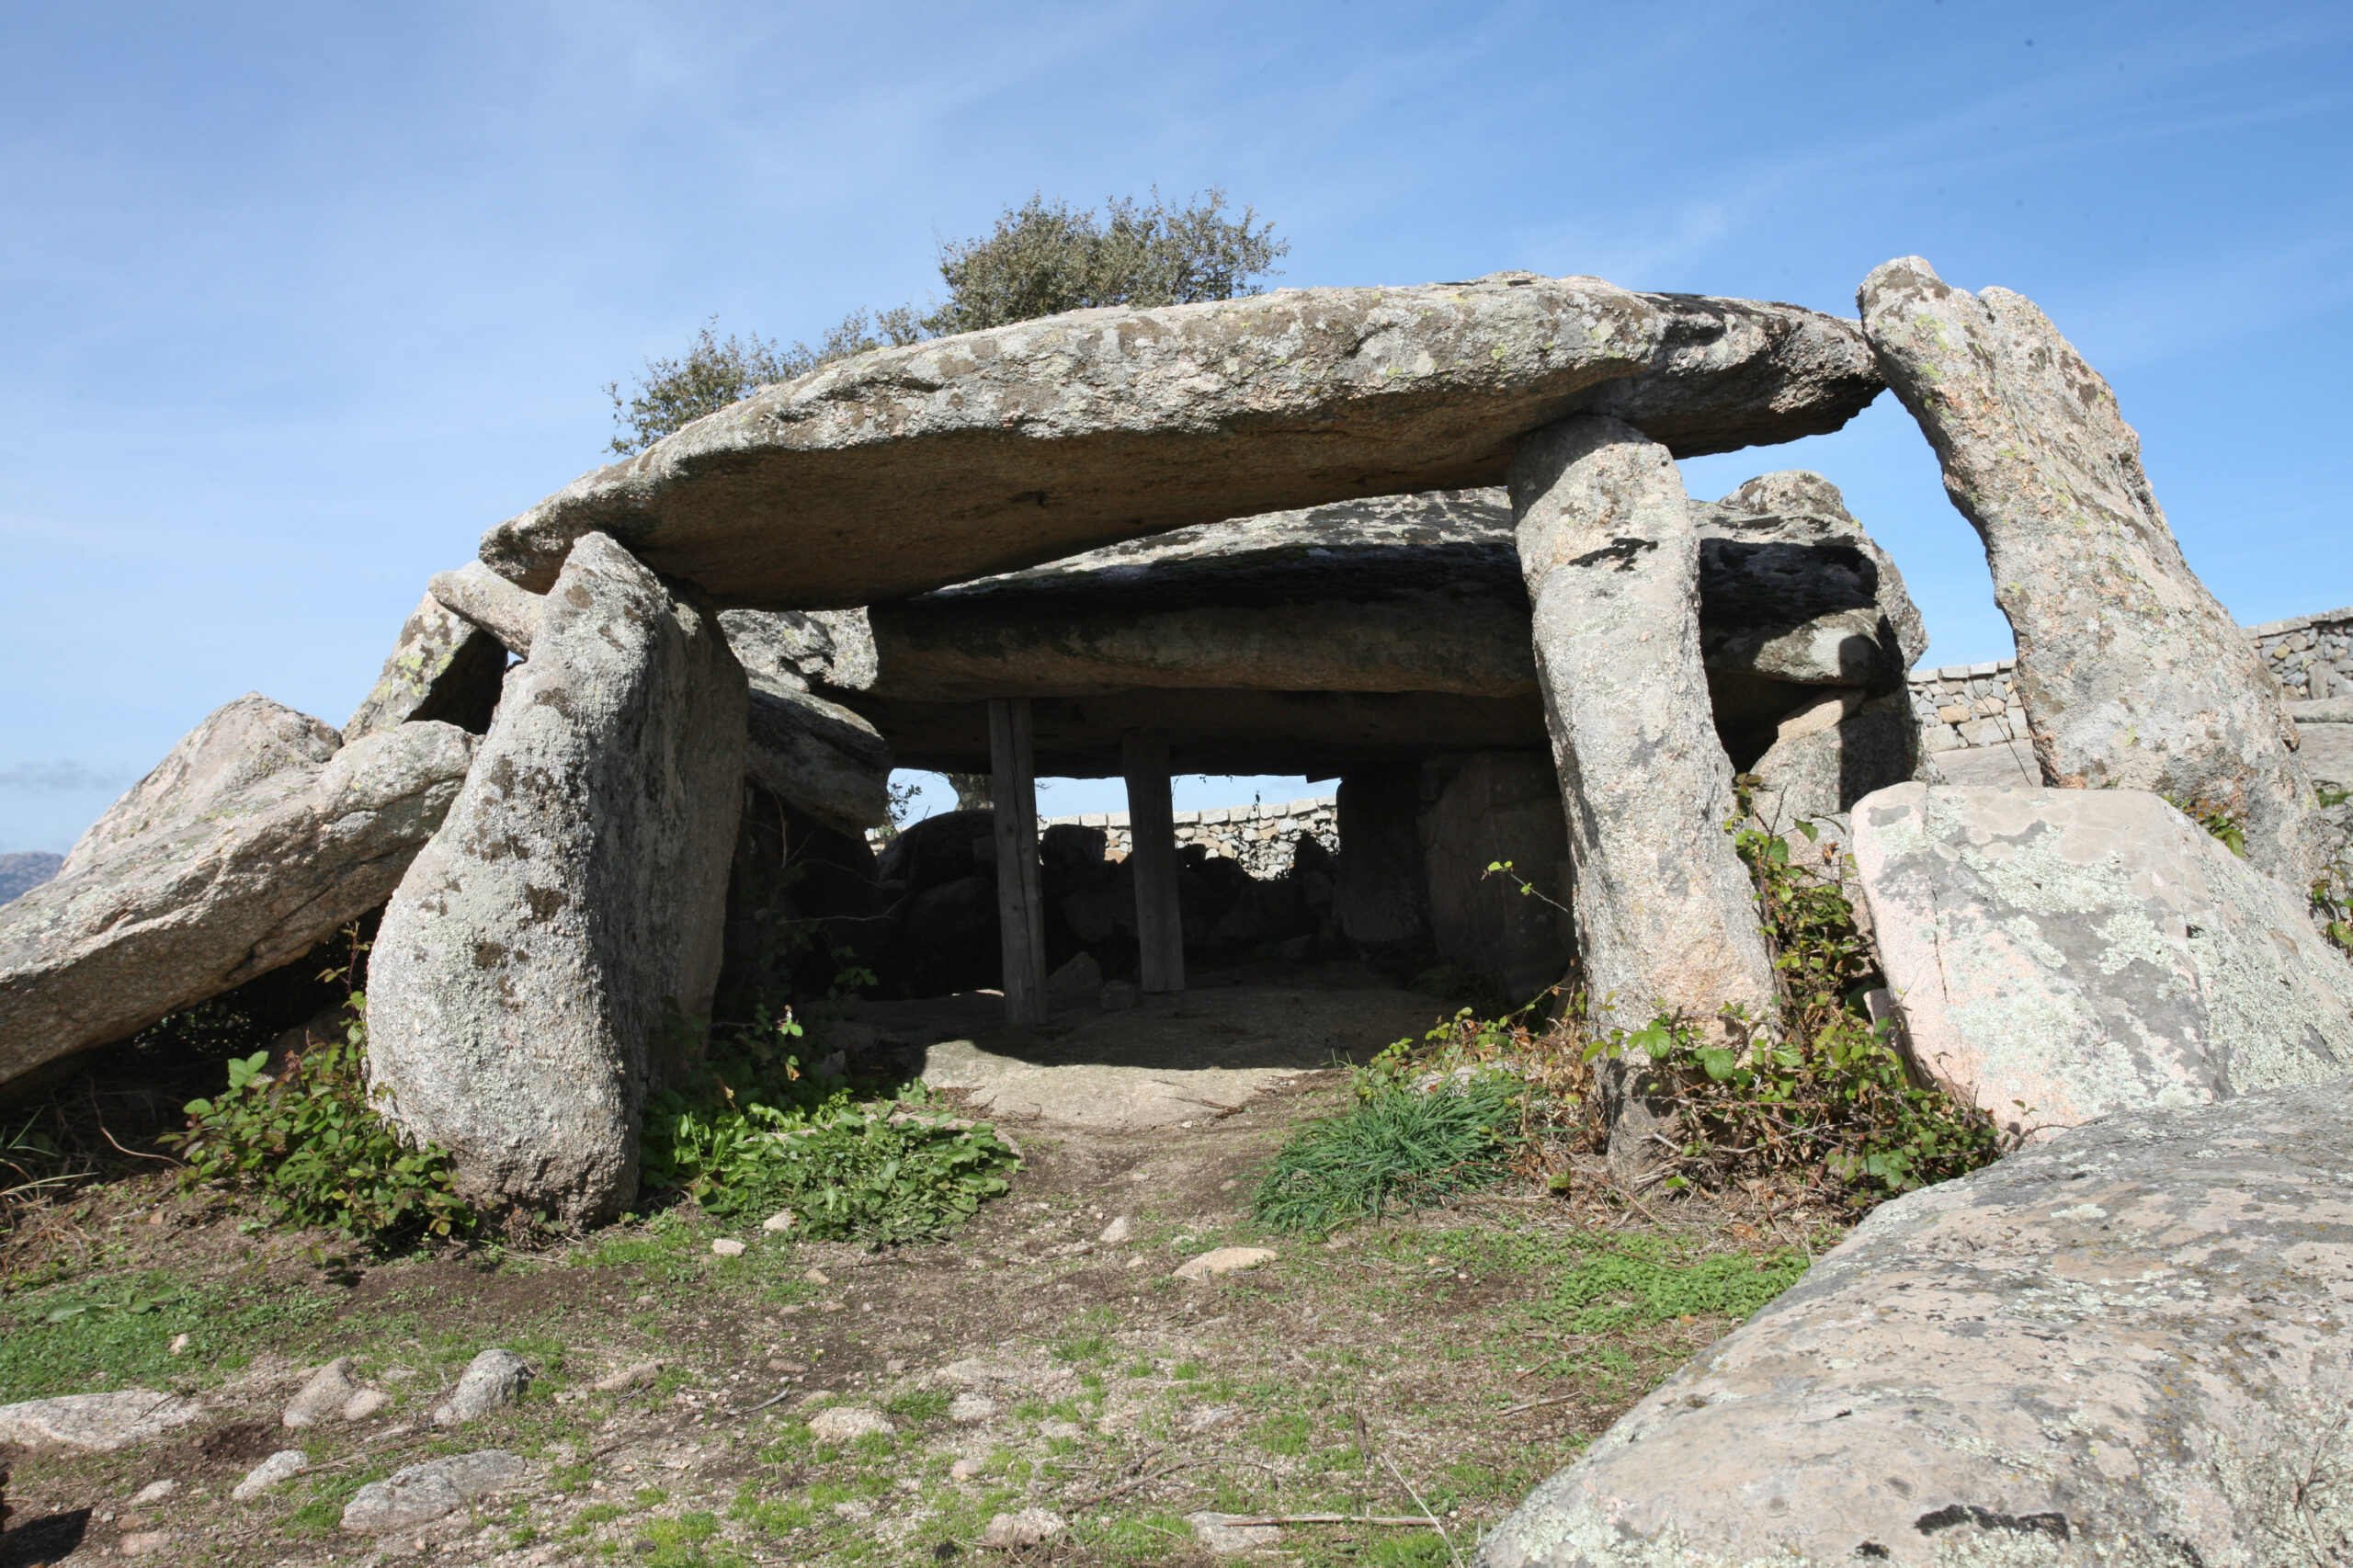 Sardinien. Insel der Megalithen – Geschichten in Stein aus dem Herzen des Mittelmeers